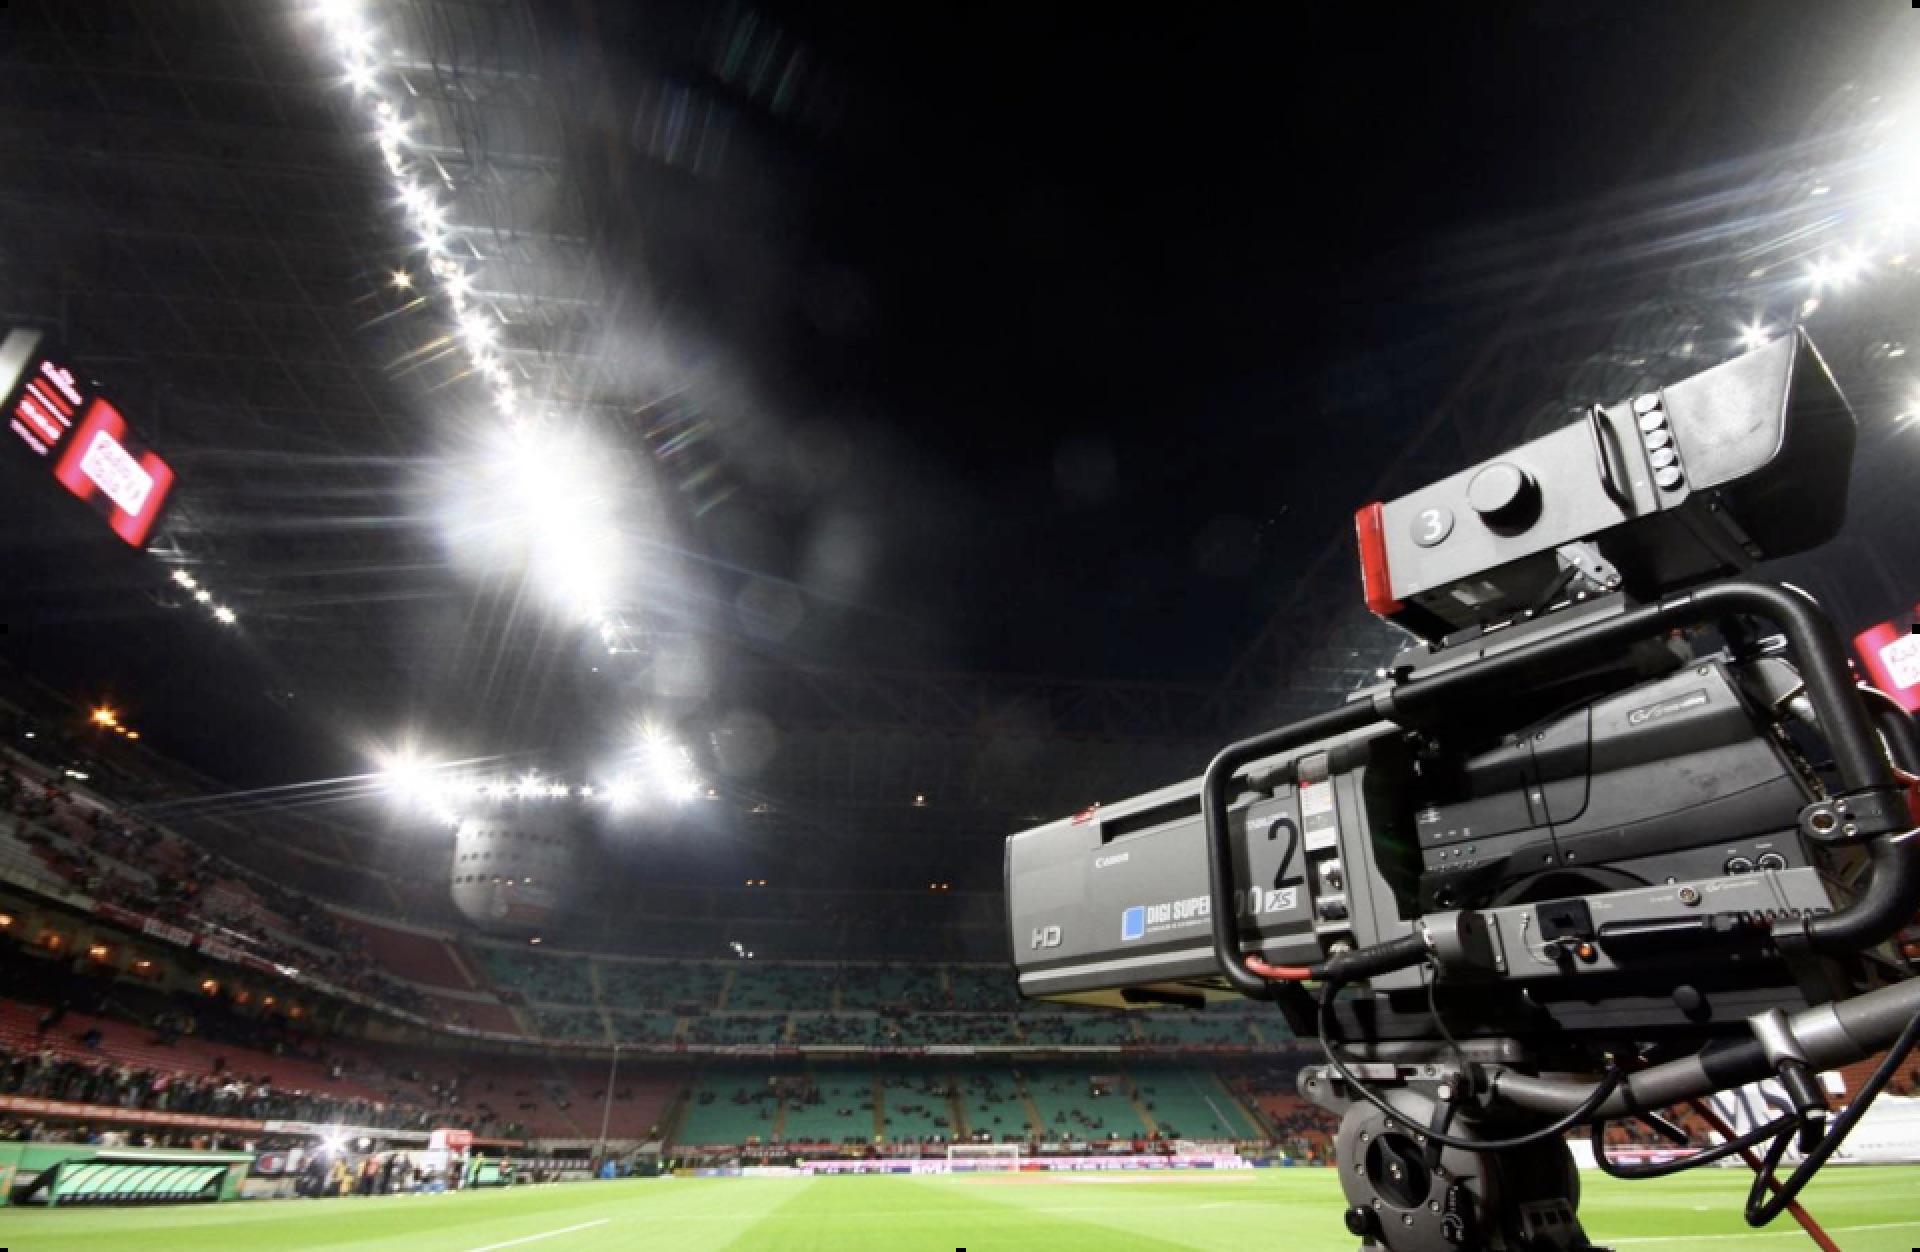 Il calcio oggi tra diritti tv merchandising e sponsor - Il calcio d'oggi tra diritti tv, merchandising e sponsor